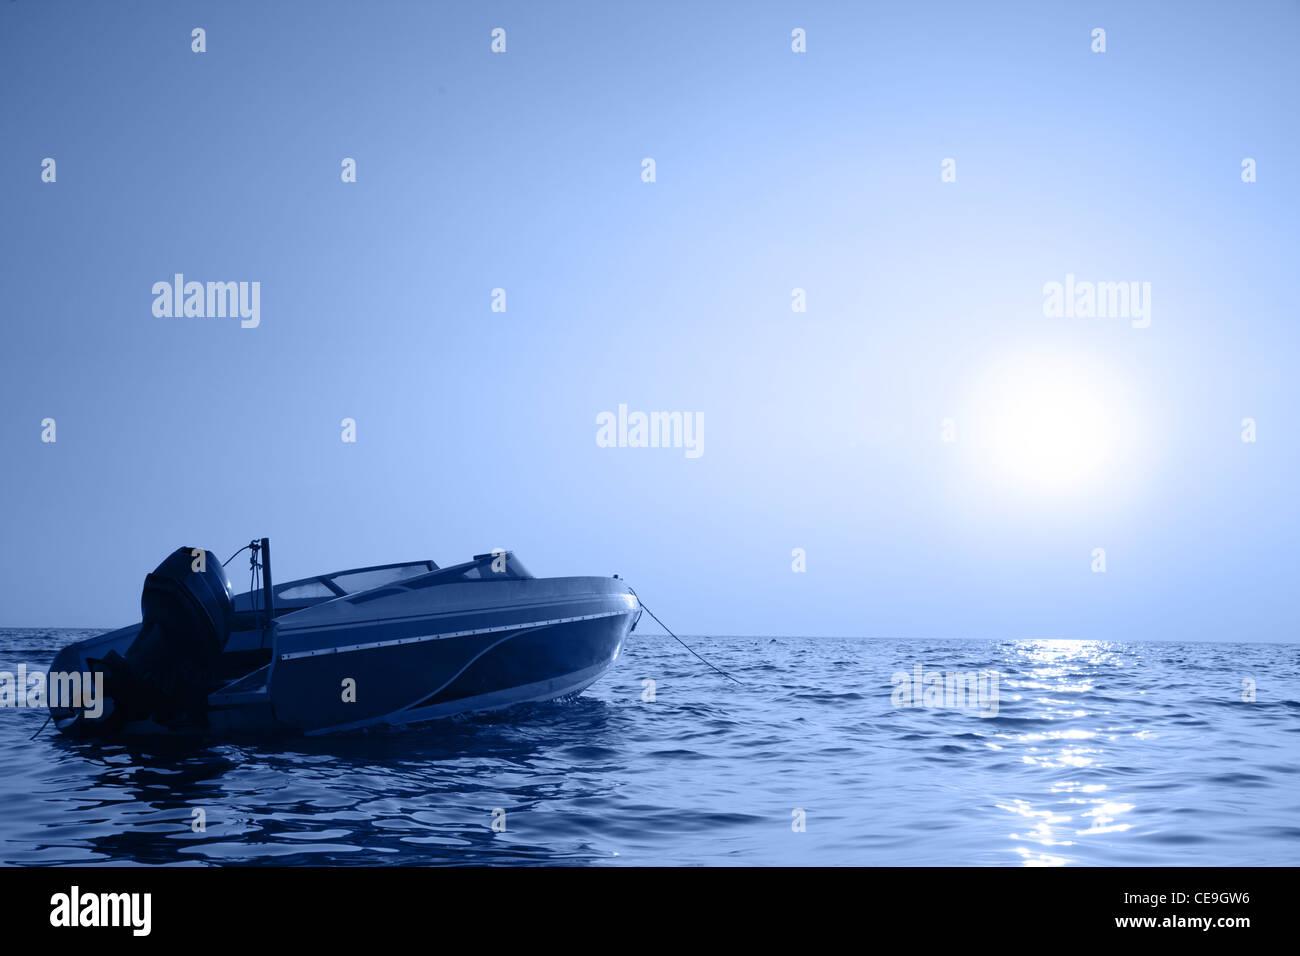 Motorized boat and sea at sunrise - Stock Image